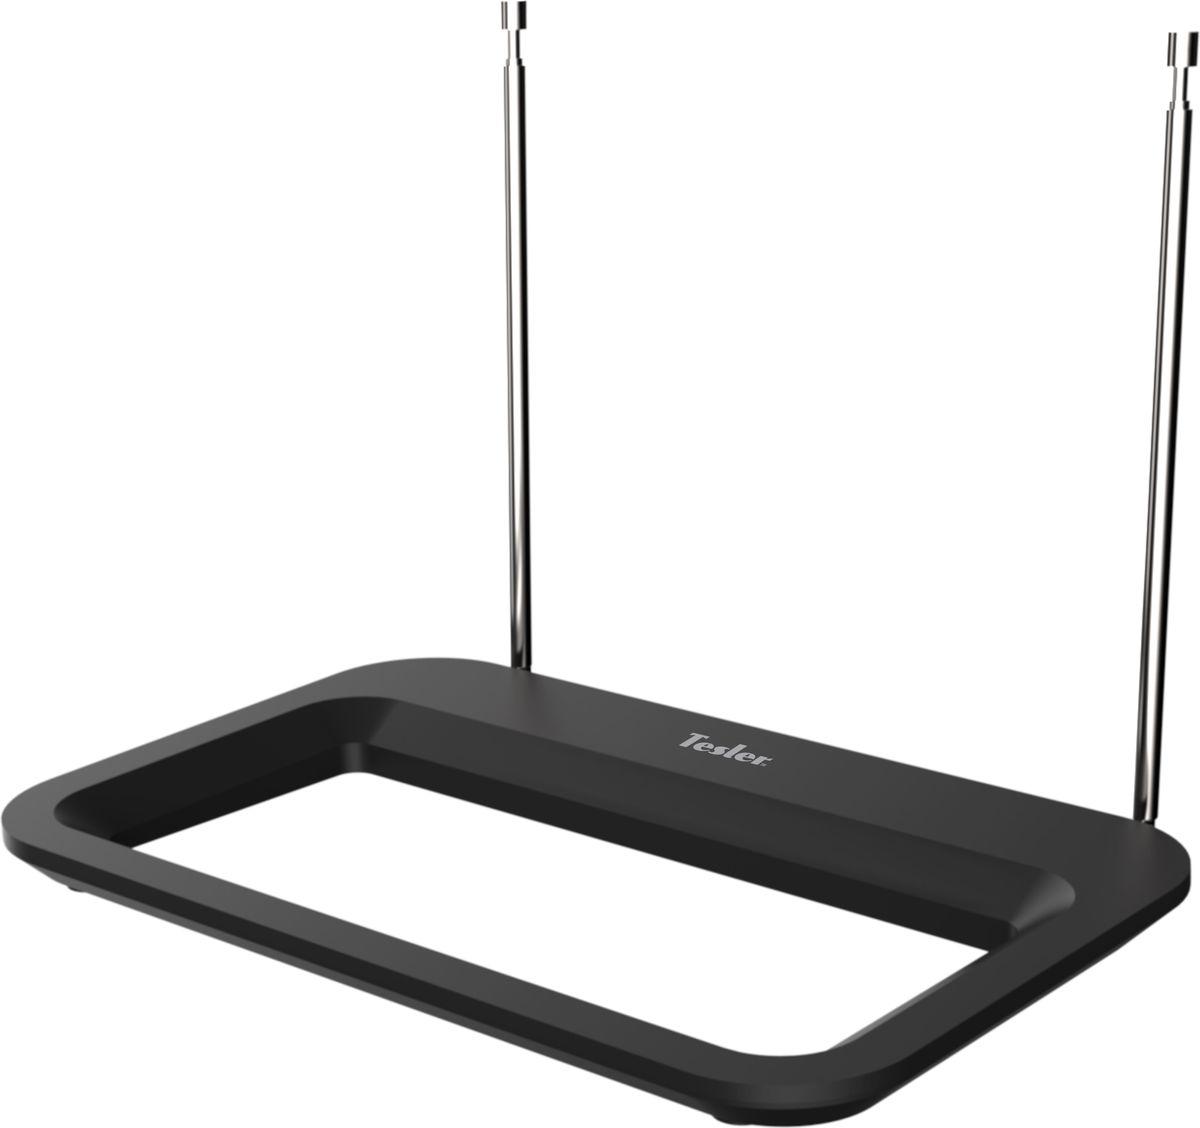 Tesler IDA-150 комнатная ТВ антенна (активная)IDA-150Данная модель представляет собой телевизионную комнатную антенну активного типа, оснащенную усилителем. С ее помощью вы сможете принимать телевизионные сигналы в аналоговом и цифровом форматах. Использование антенны возможно как в городских условиях, так и пригородных. Отличается стильным дизайном, поэтому служит гармоничным дополнением любого современного интерьера.